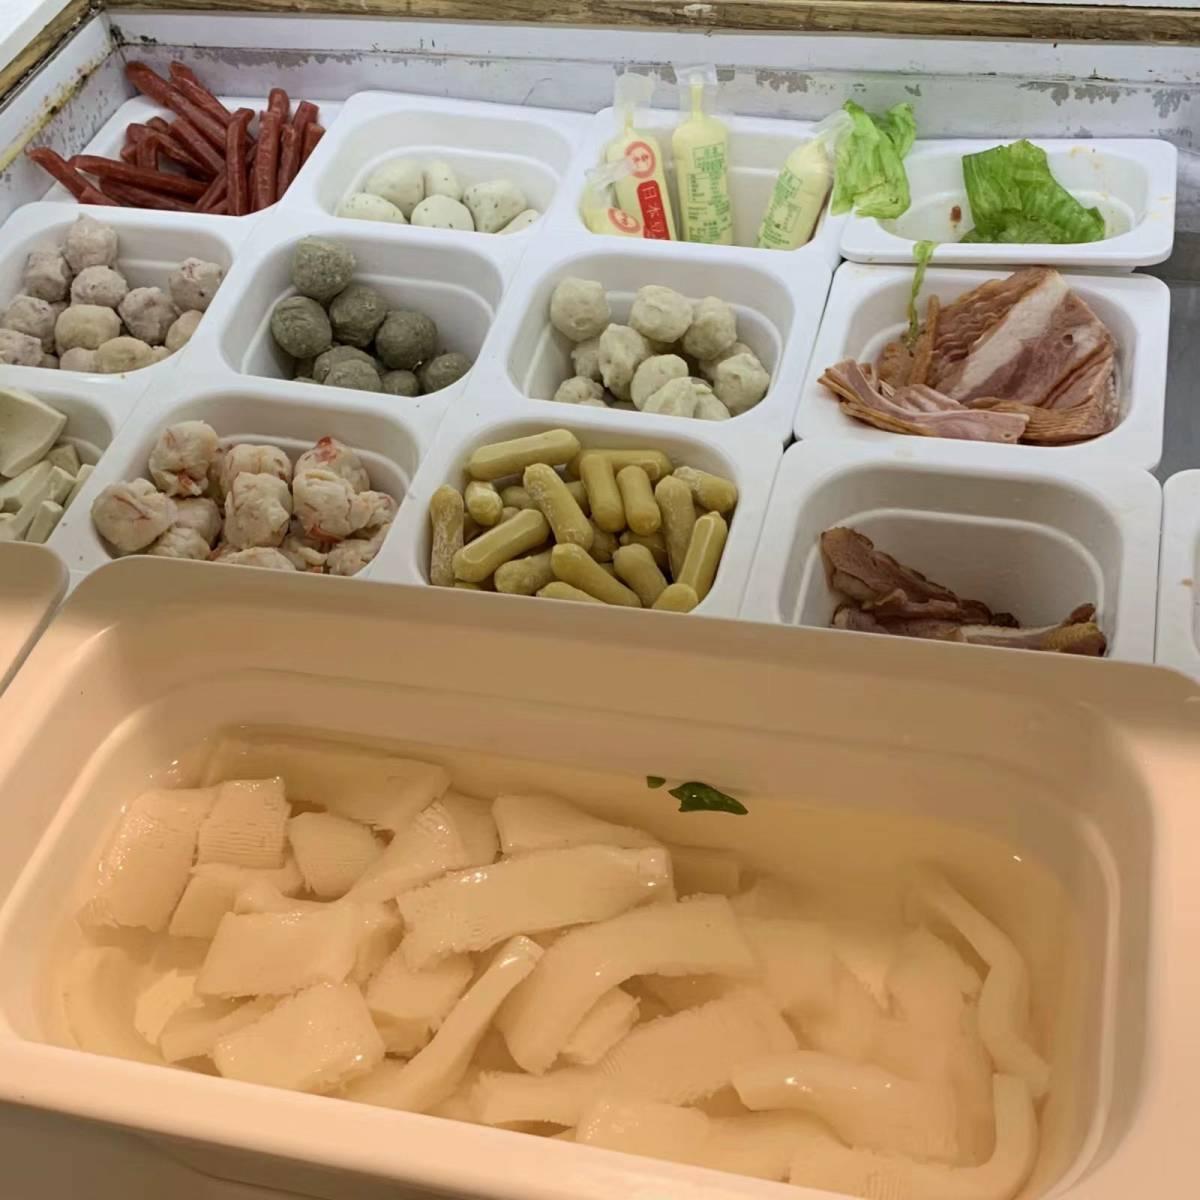 秋膘大作战之day3  🍜早午餐:食堂吃的牛肉面,面条是手